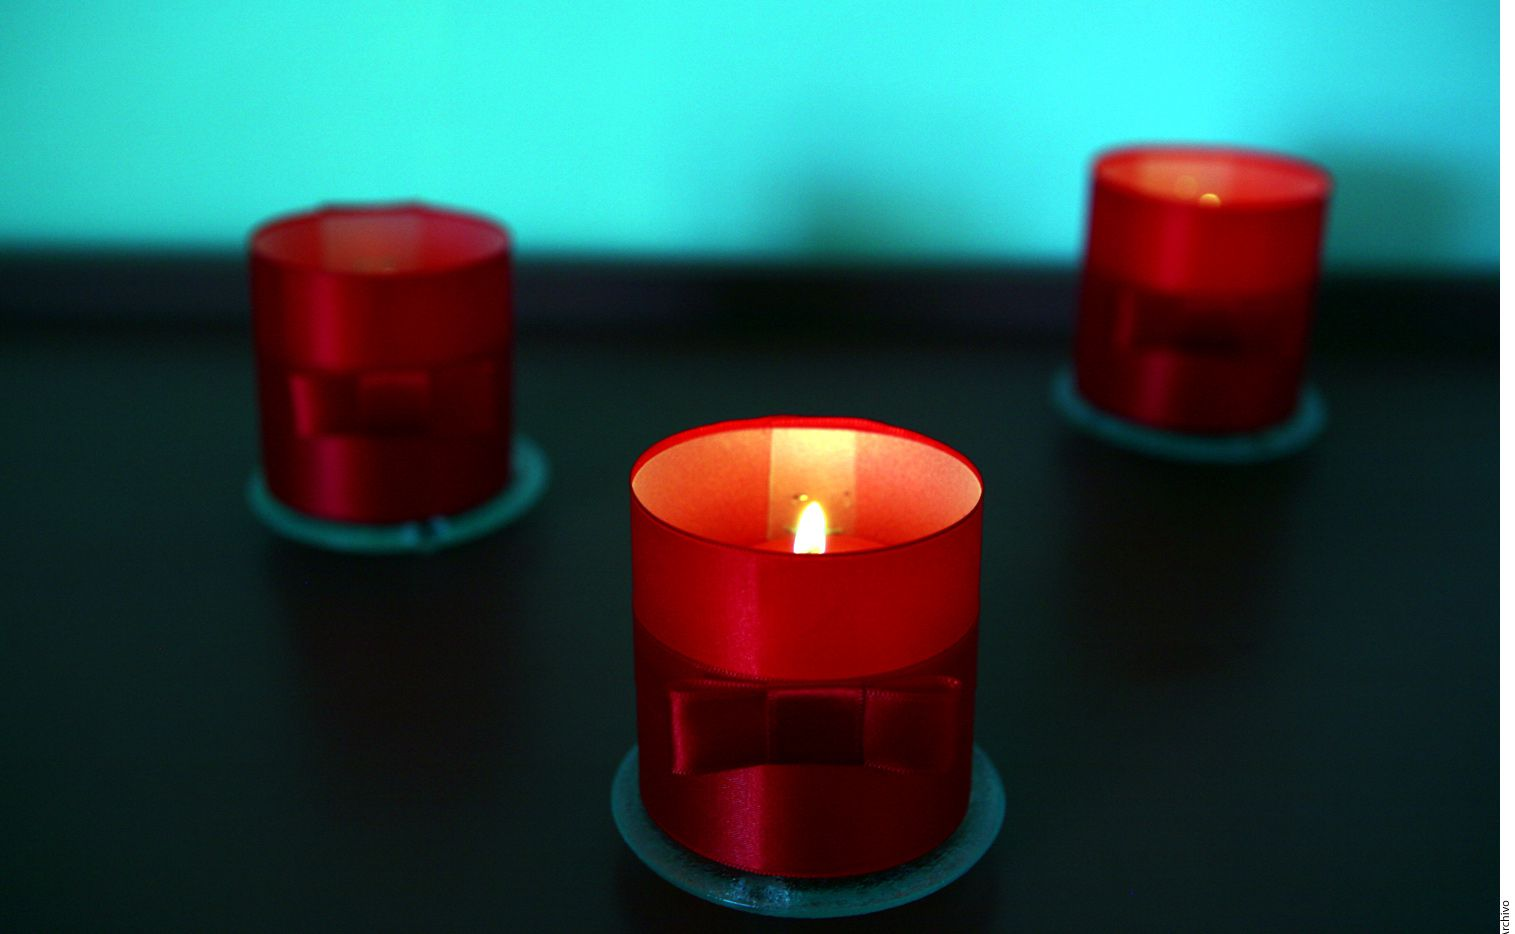 Un ritual que le dará luz a tu 2018 es poner velas de colores: azul trae tranquilidad al año nuevo, las amarillas atraerán la abundancia, las rojas te llenarán de pasión y las verdes alejarán de ti las enfermedades./ AGENCIA REFORMA